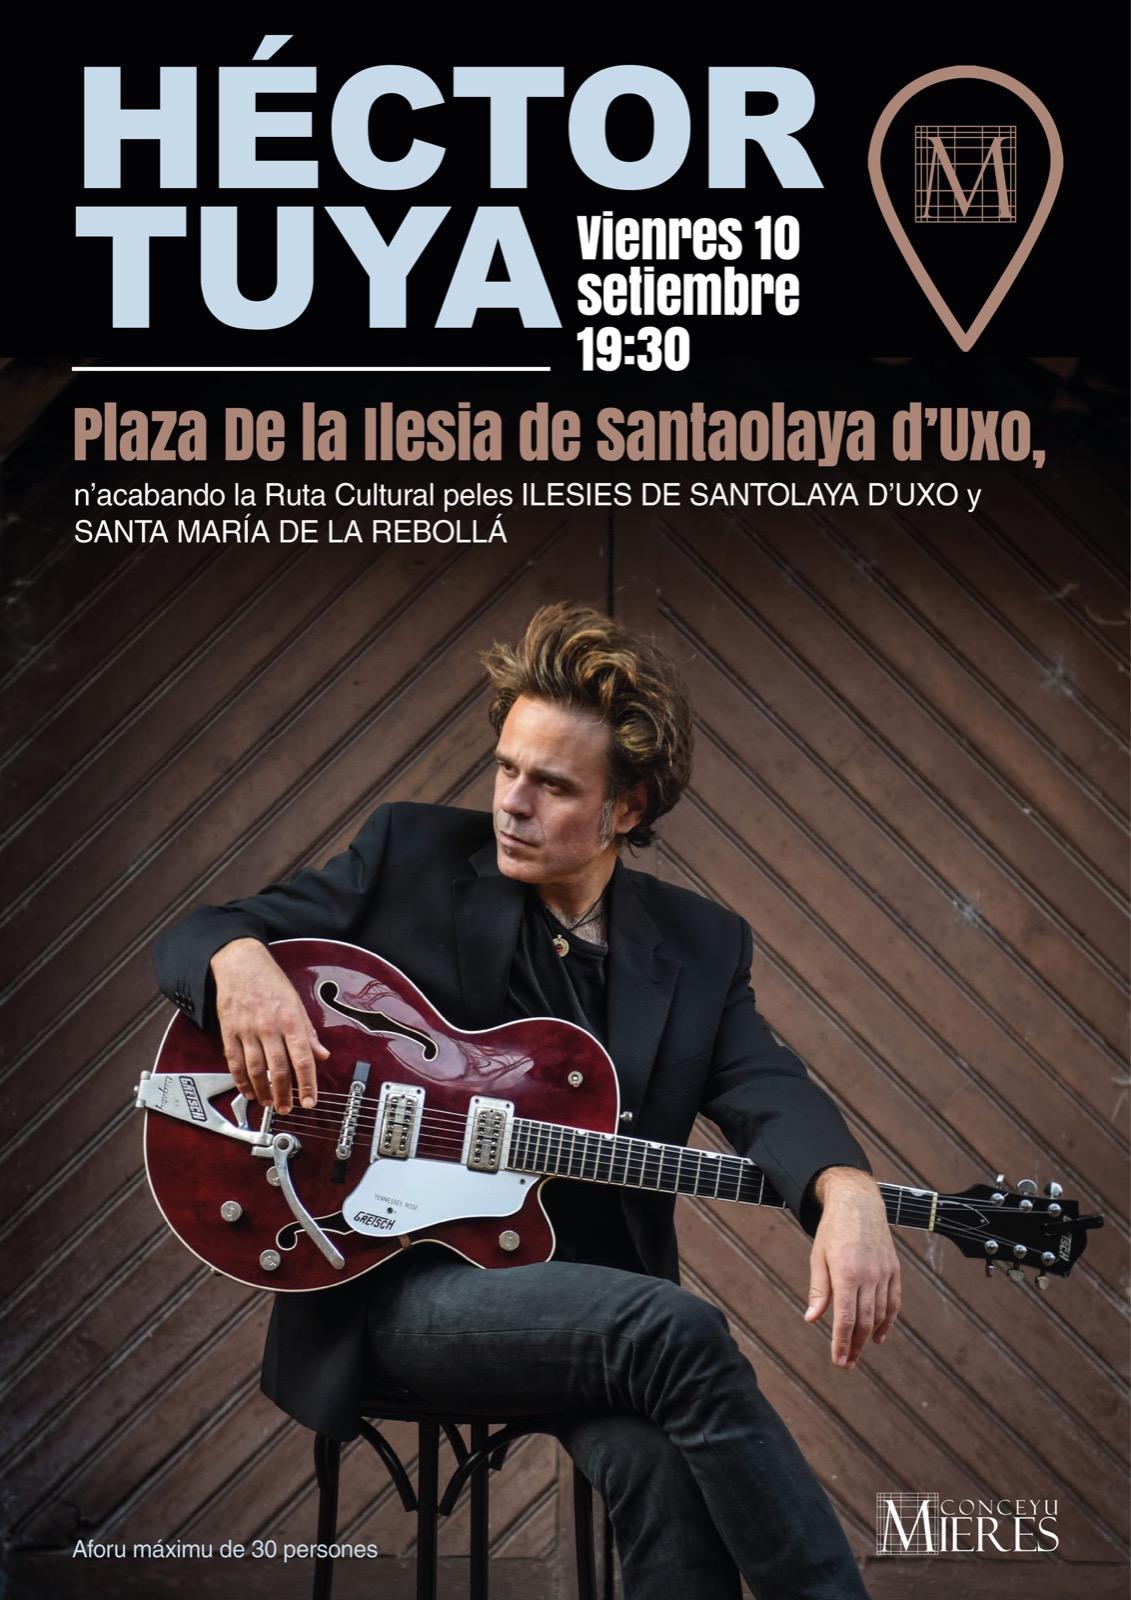 Hector Tuya Concierto Mieres Septiembre 2021